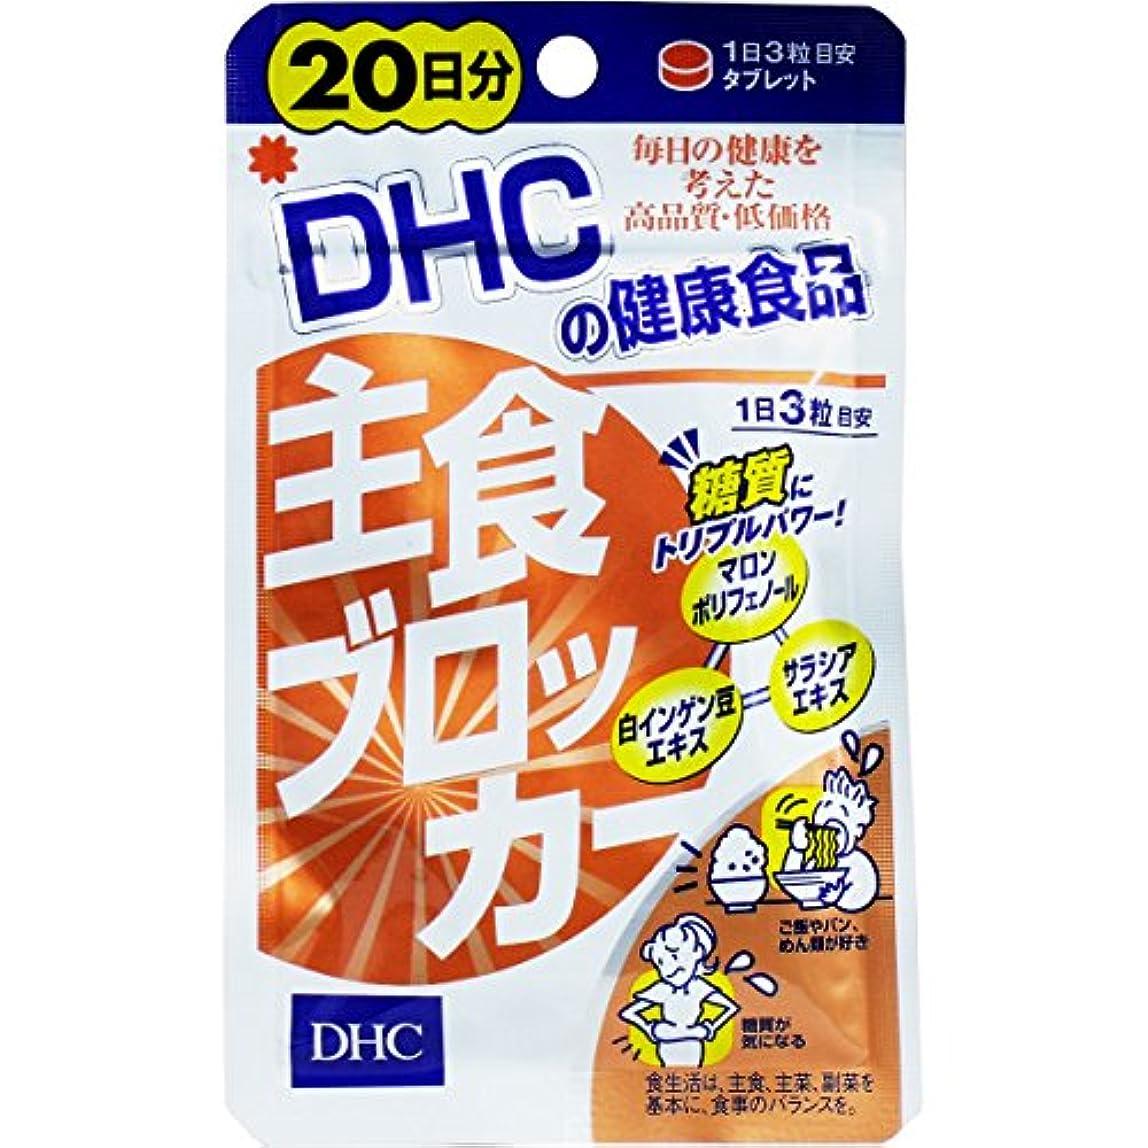 ロッカーキャラクター通知DHC 主食ブロッカー 20日分 60粒(12g) ×4個セット